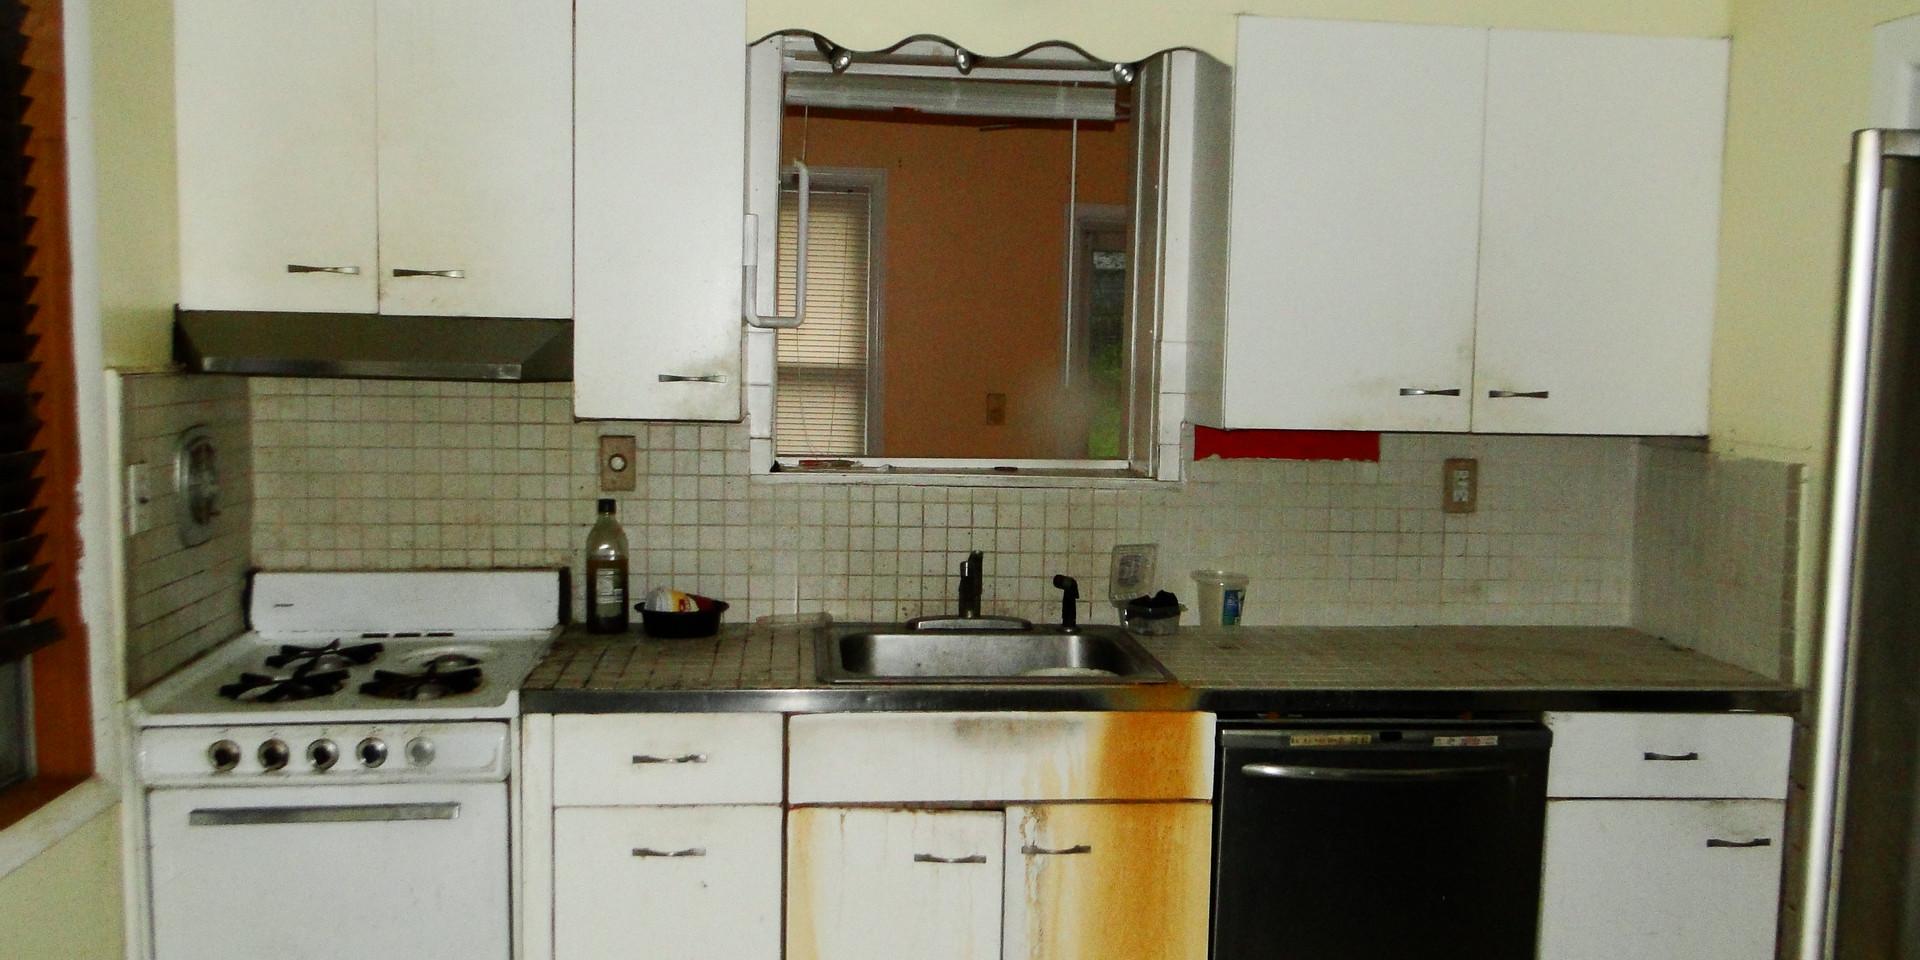 07 - Kitchen 5.JPG